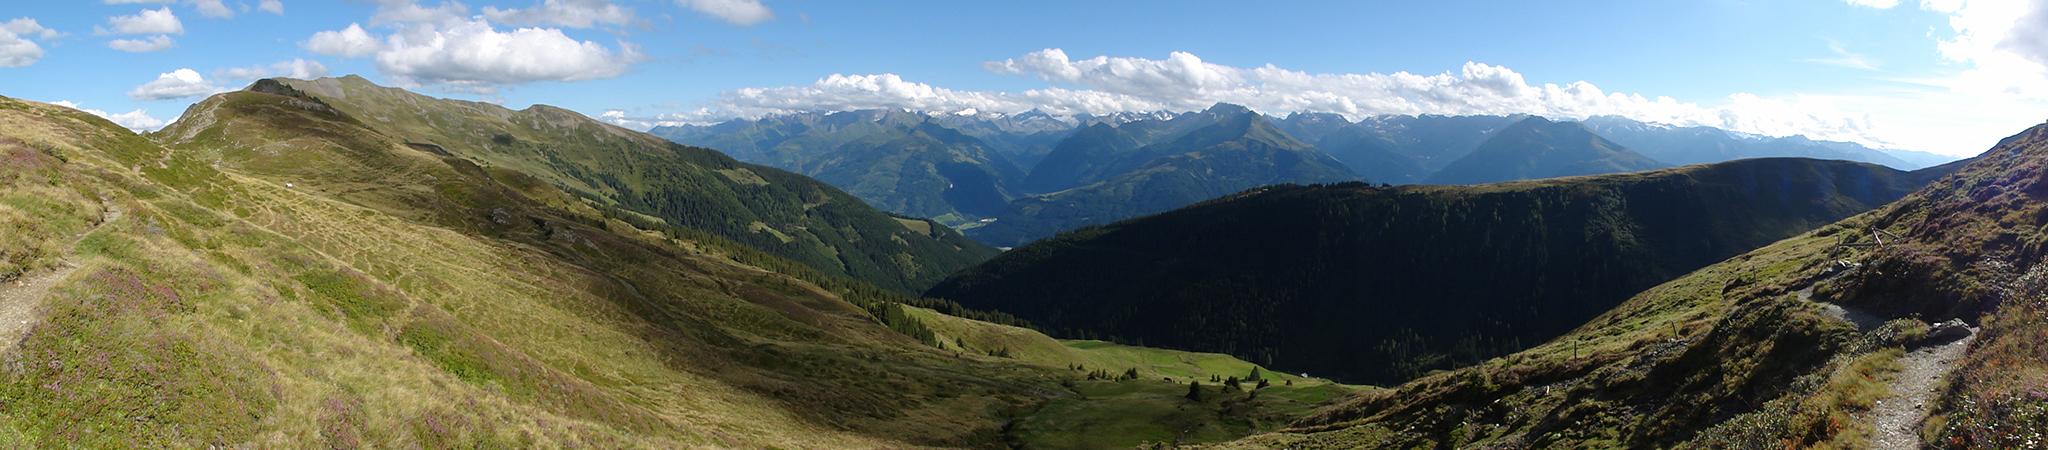 Arnoweg: Der Pinzgauer Spaziergang führt über die wunderschönen und sanft geprägten Pinzgauer Grasberge.